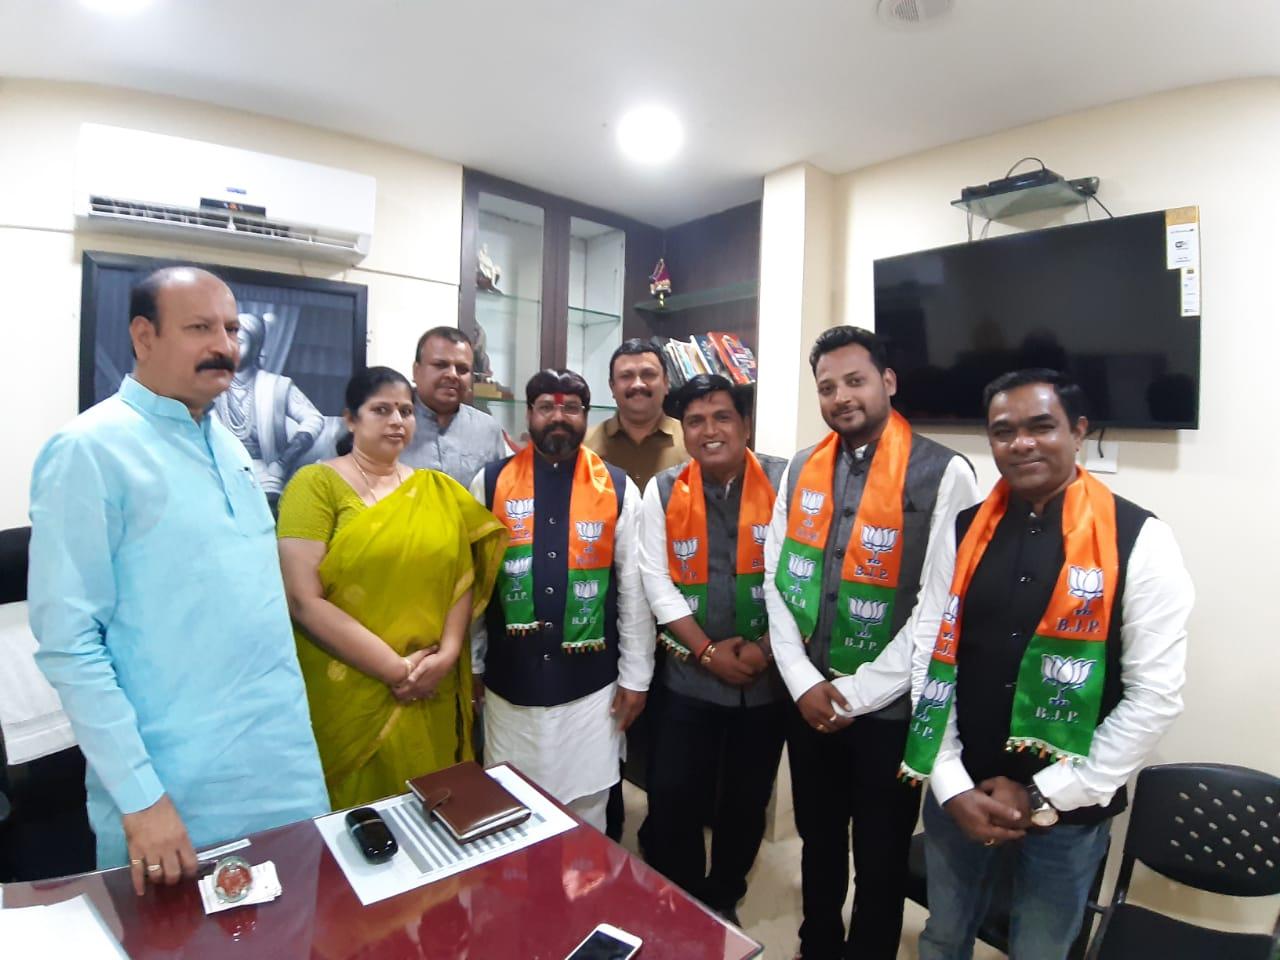 हिंदी समाचार | भाजपा में शामिल हुए युवा उद्यमी आनंद स़ंग मनसे के अमित संखे तथा सामाजिक कार्यकर्ता संतोष संपकाले